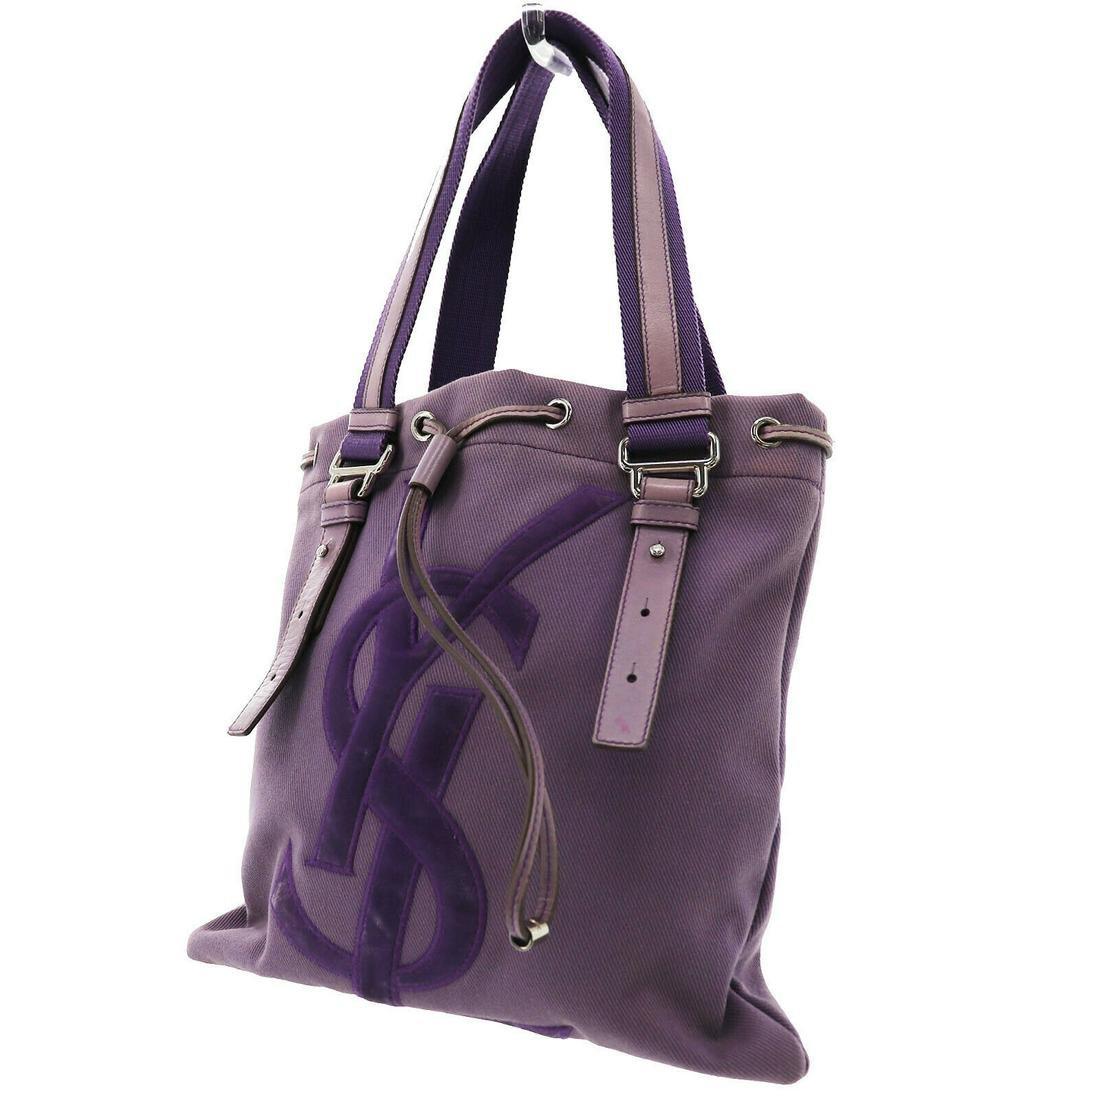 Authentic Purple Yves Saint Laurent Hand Bag